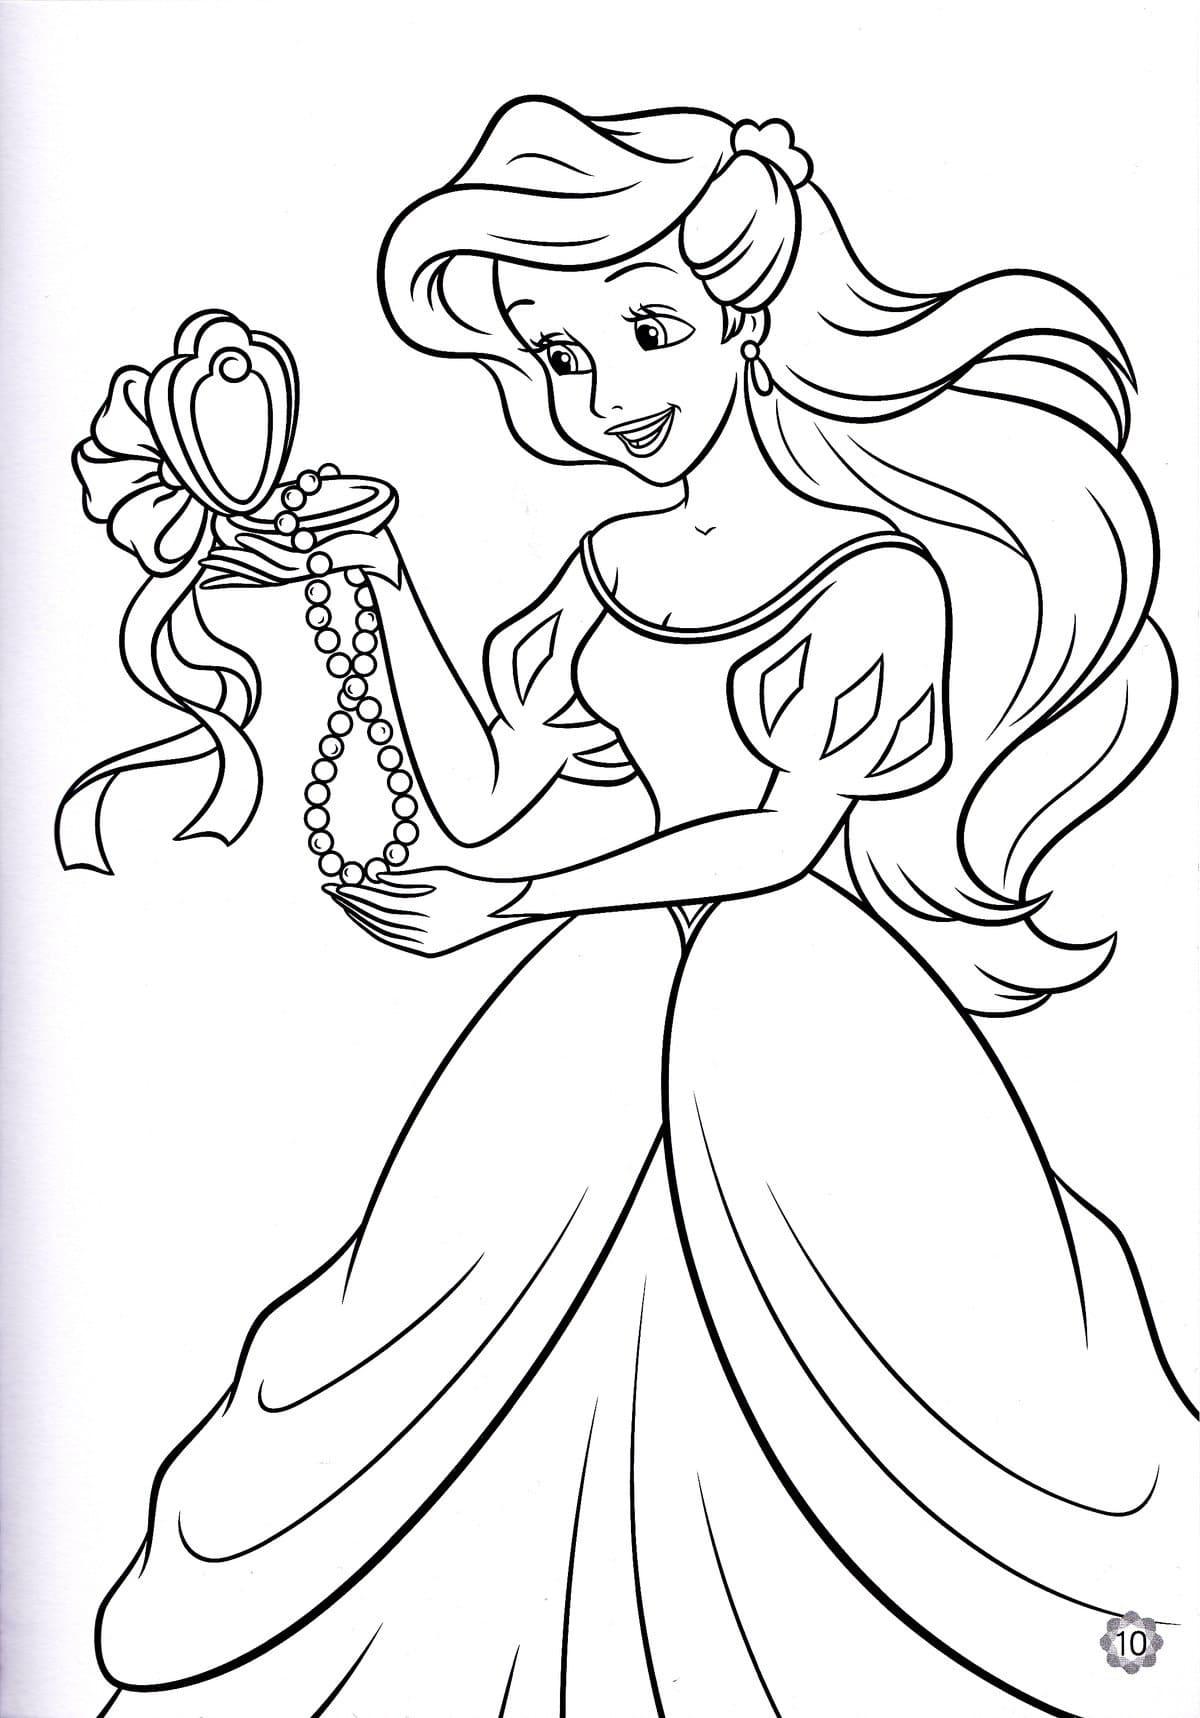 Картинки про принцесс раскрасить